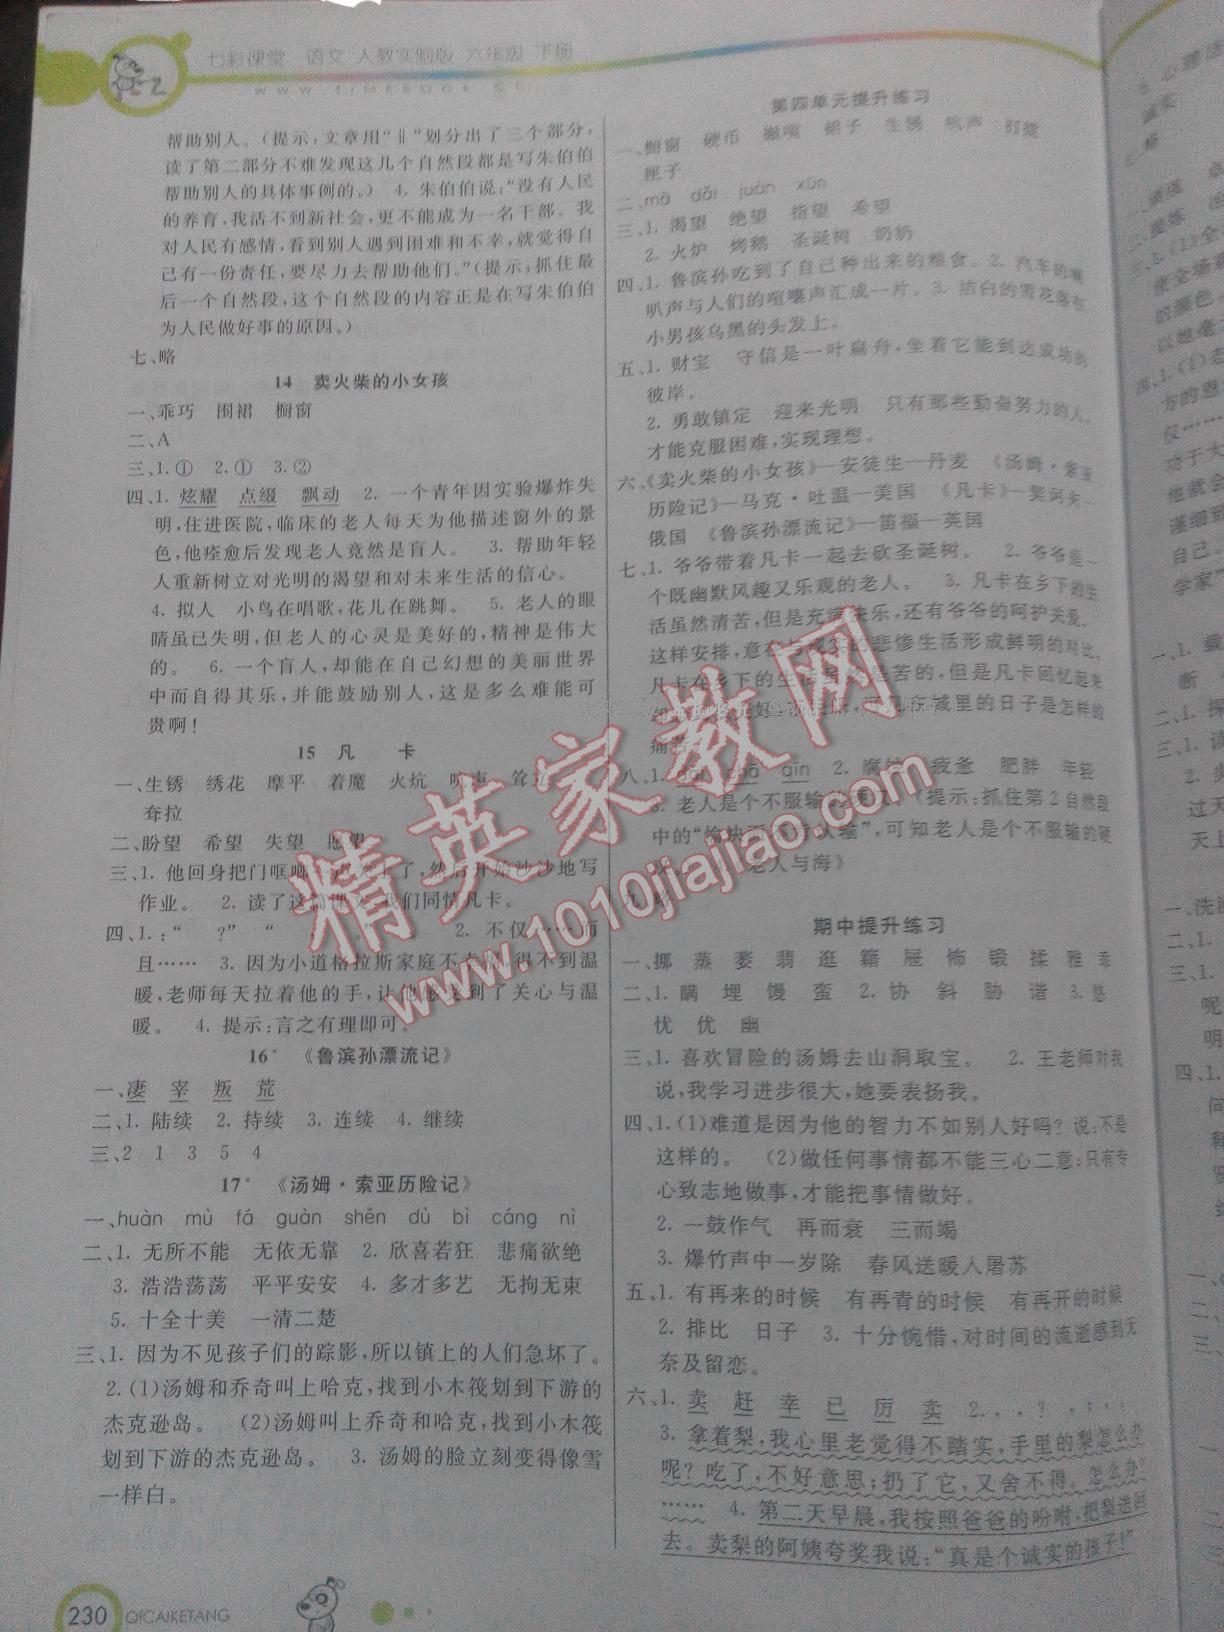 2015年七彩课堂六年级语文上册人教版答案